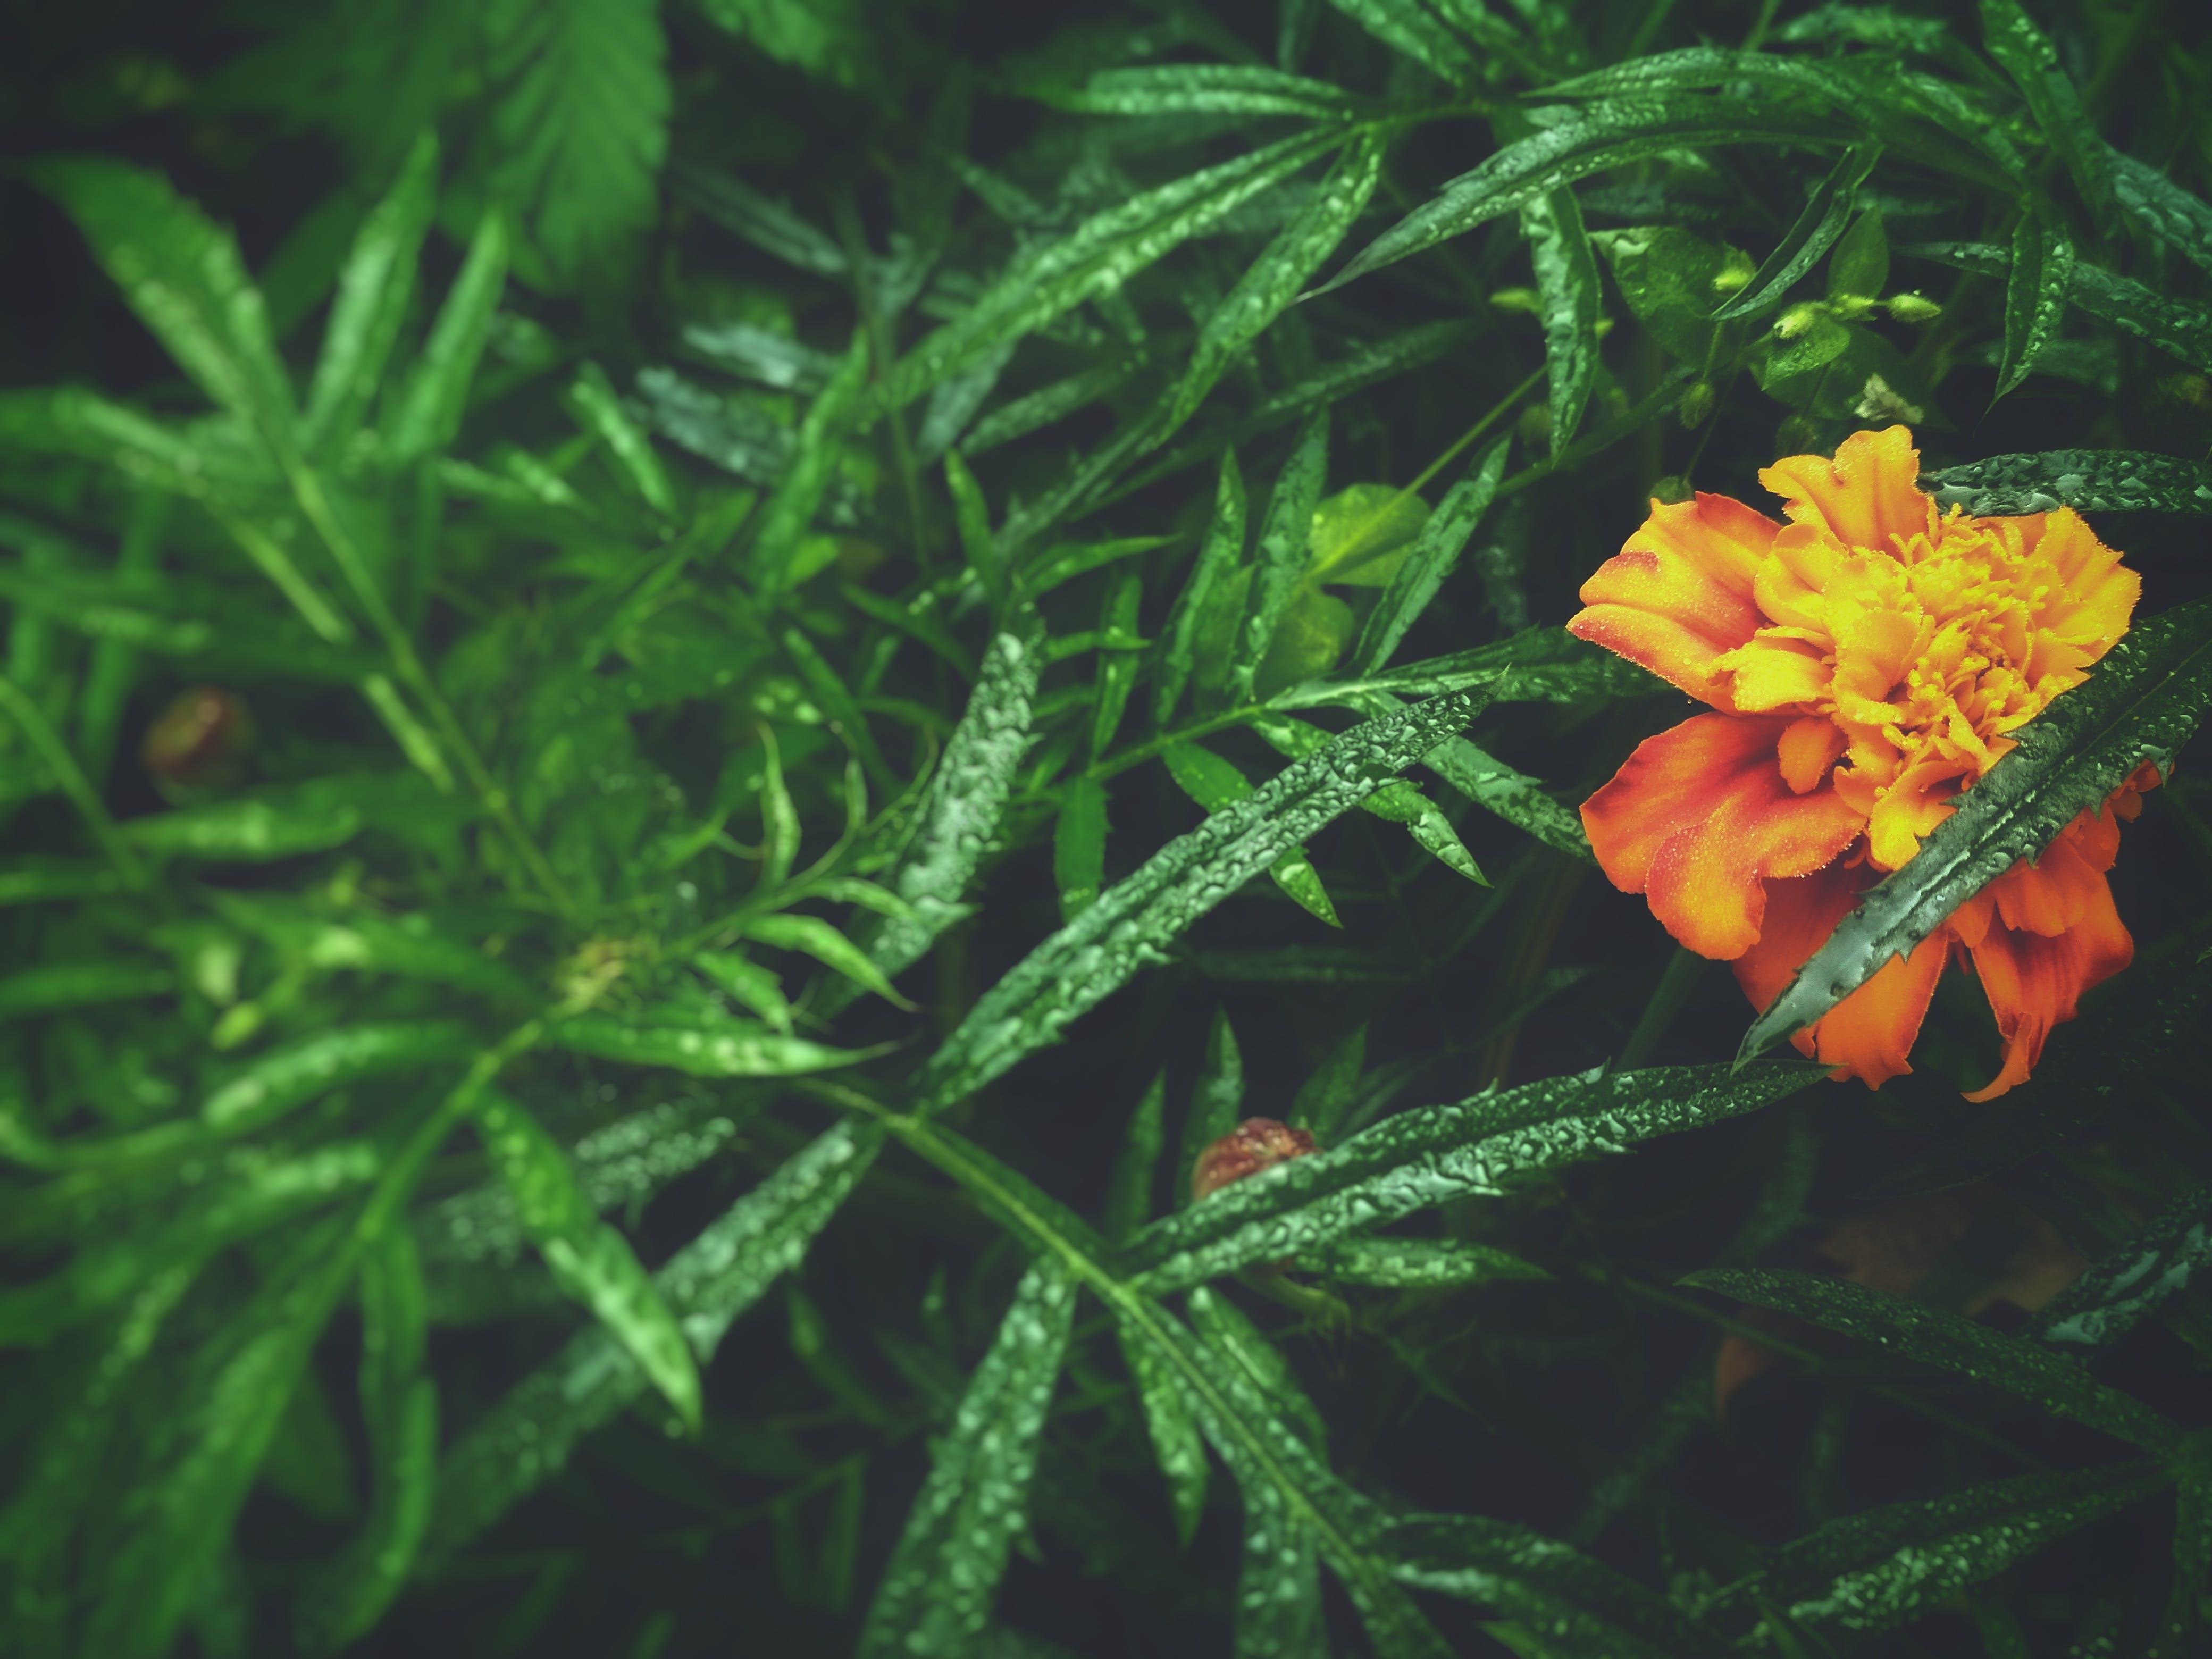 Δωρεάν στοκ φωτογραφιών με #ayanclicks, #filters, #leafes, #mobilechallenge